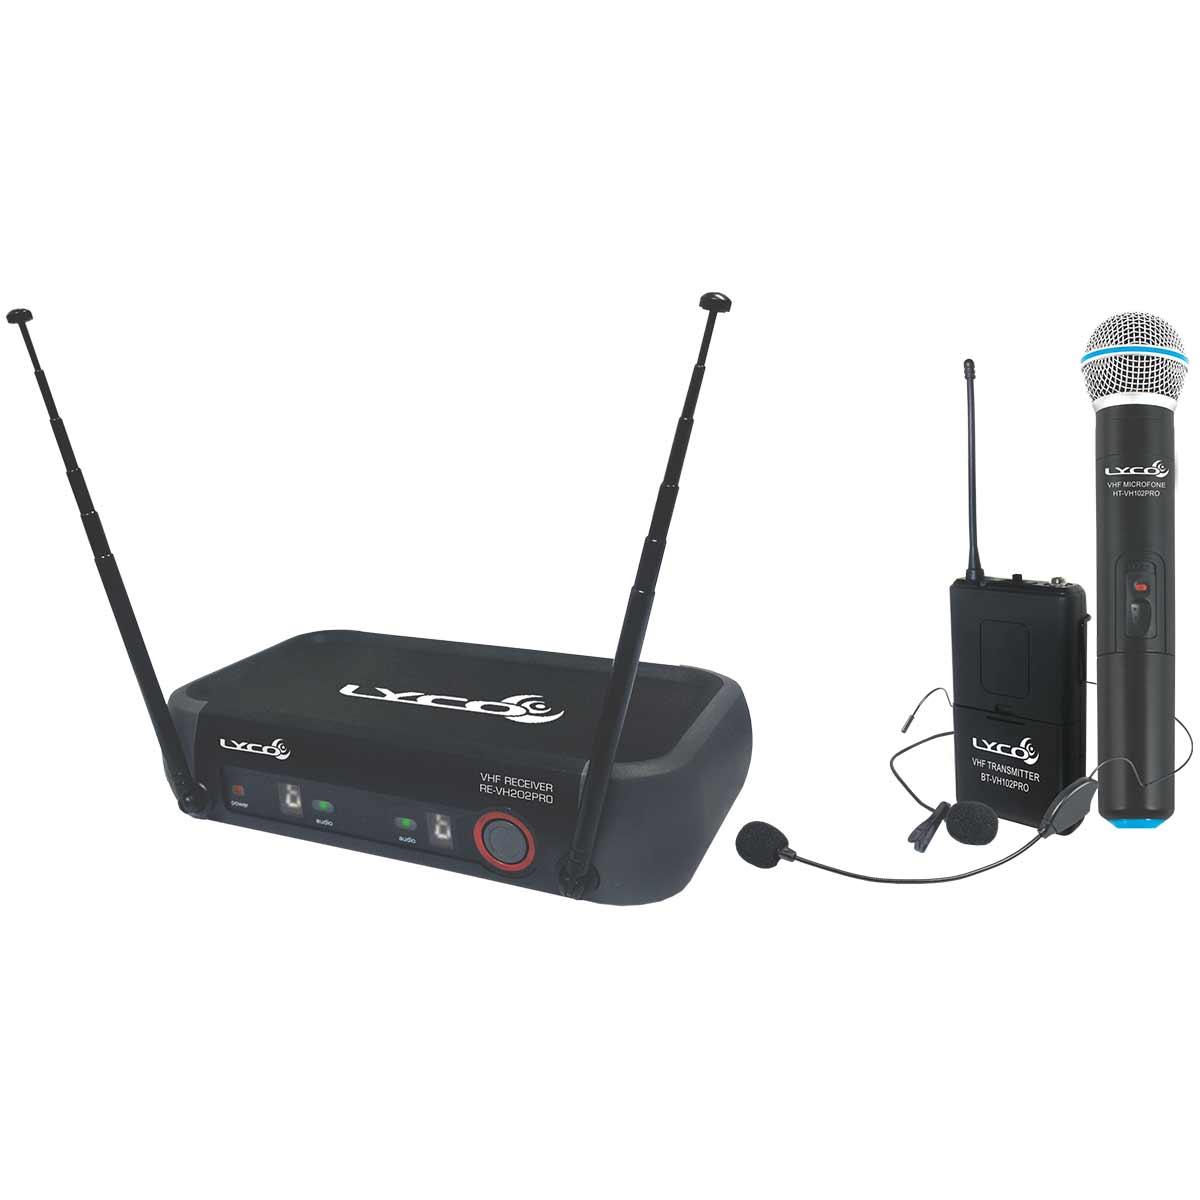 VH202PROMHL - Microfone s/ Fio M�o, Headset e Lapela VH 202 PRO MHL - Lyco